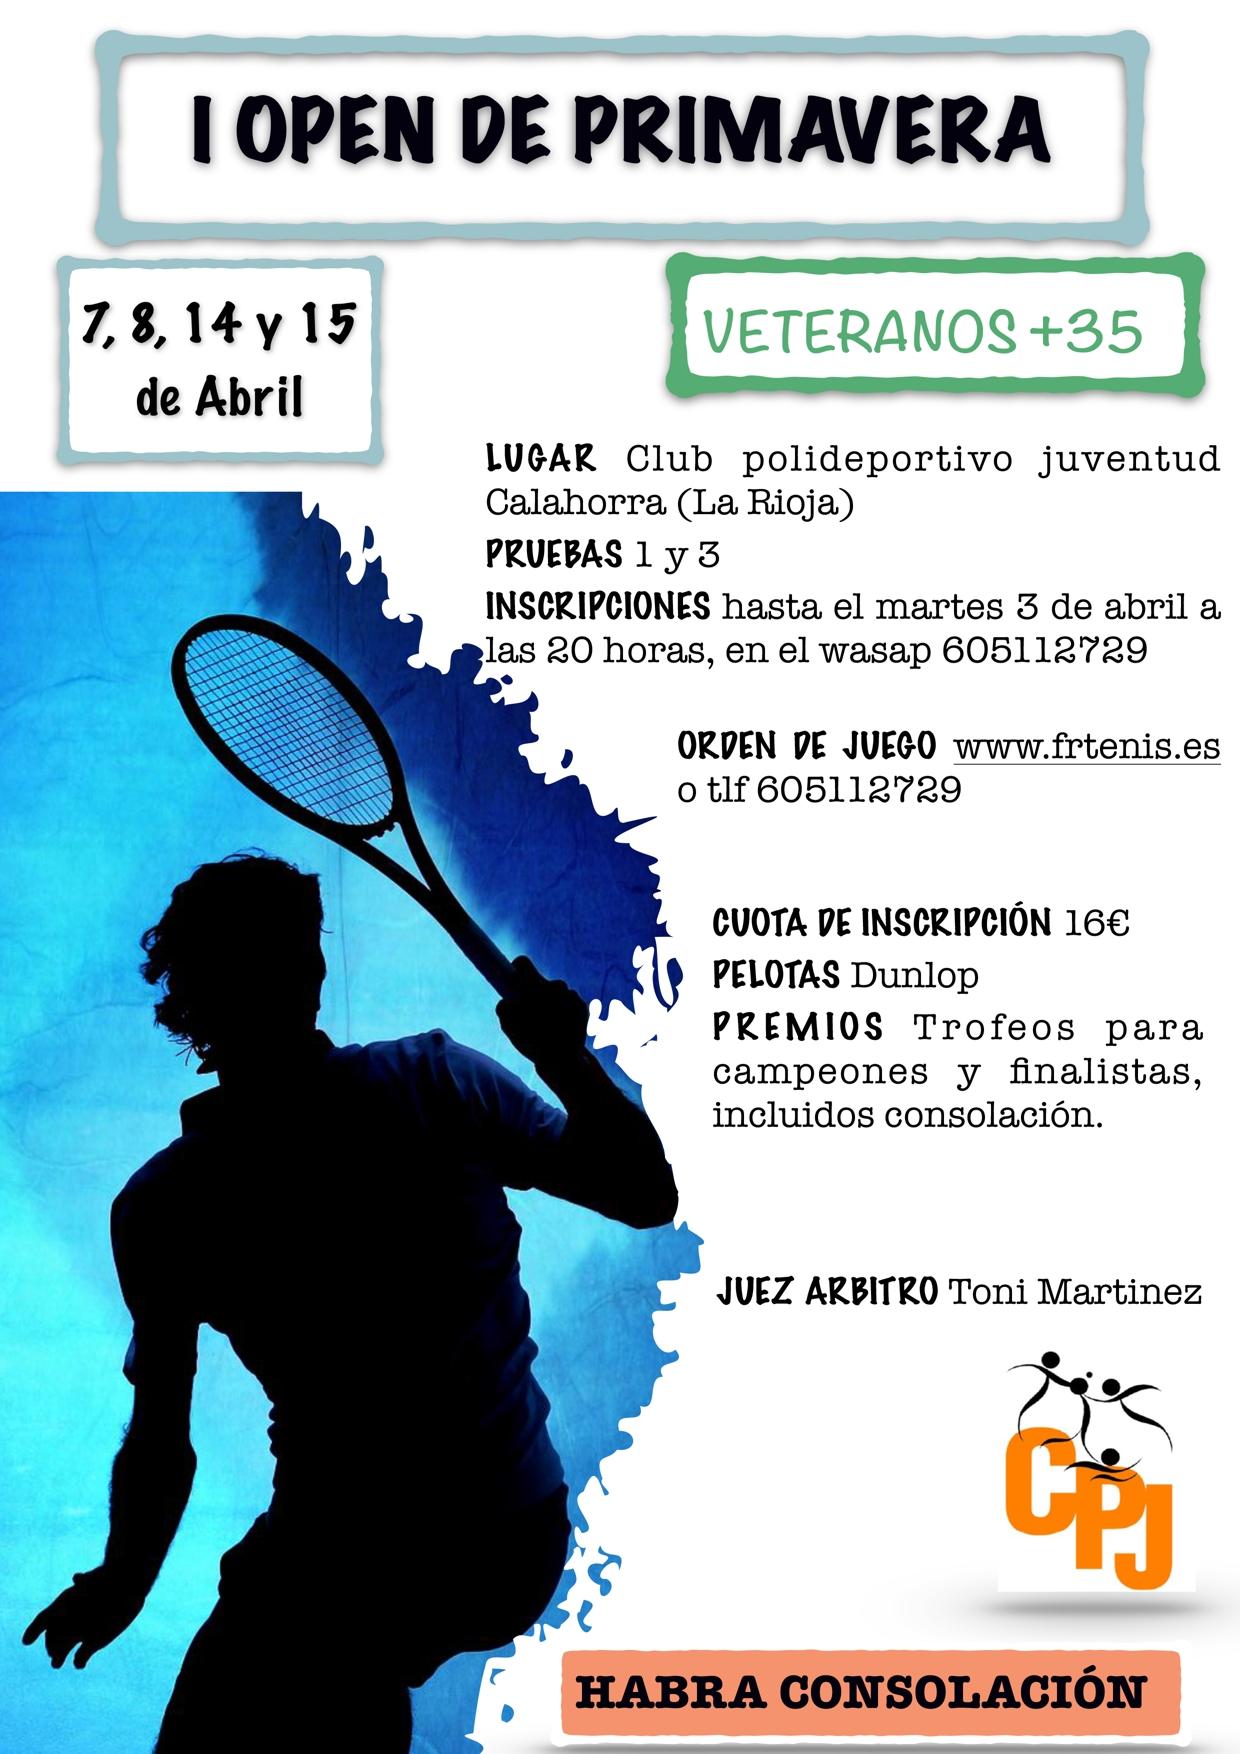 I OPEN DE PRIMAVERA VETERANOS +35